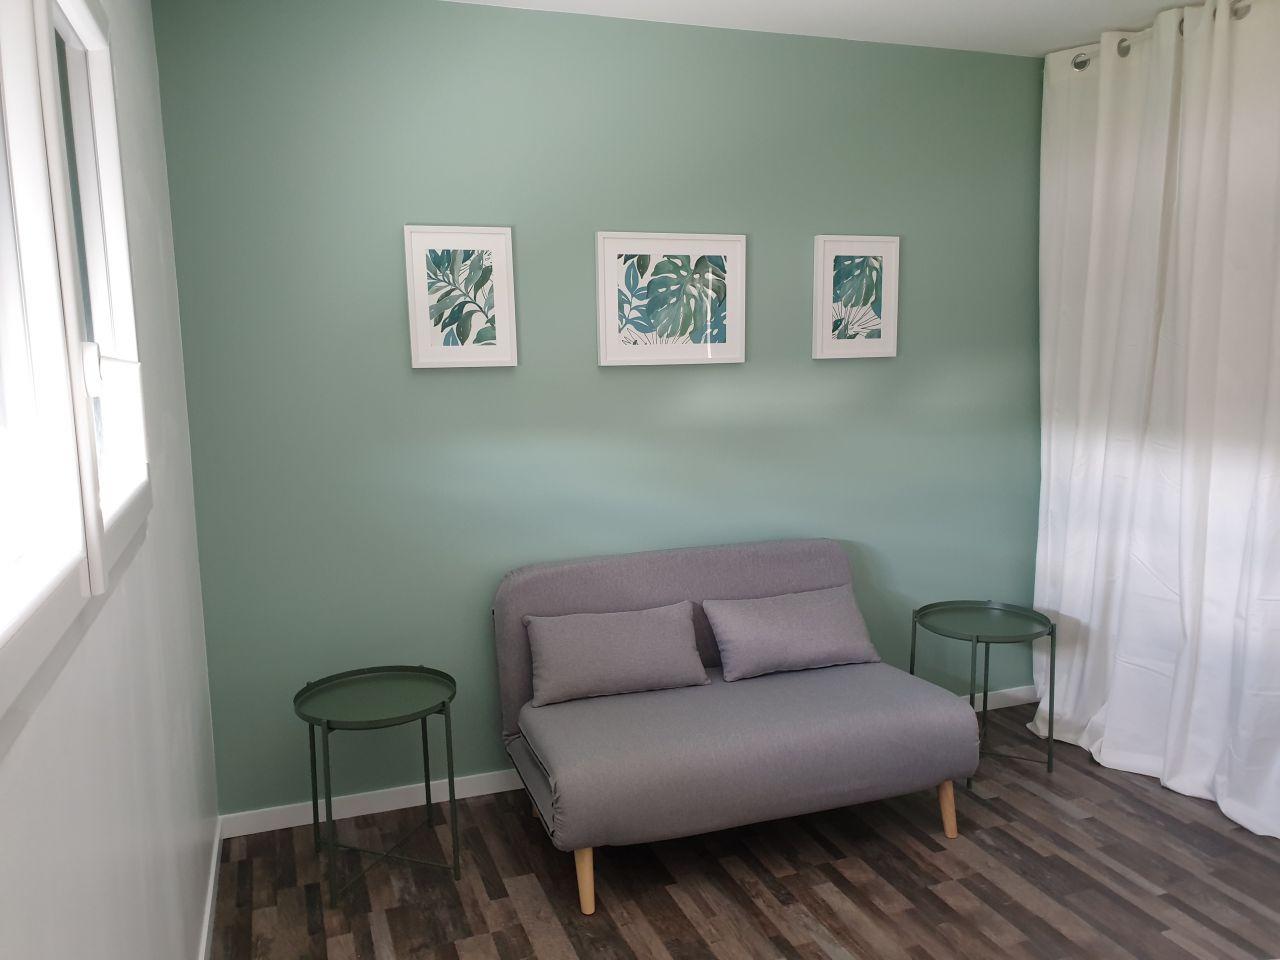 Et voici la chambre d'appoint/salle de jeux/salon TV (bref la pièce à tt faire), presque terminée. Murs blanc satiné et vert cactus satiné (Luxens)